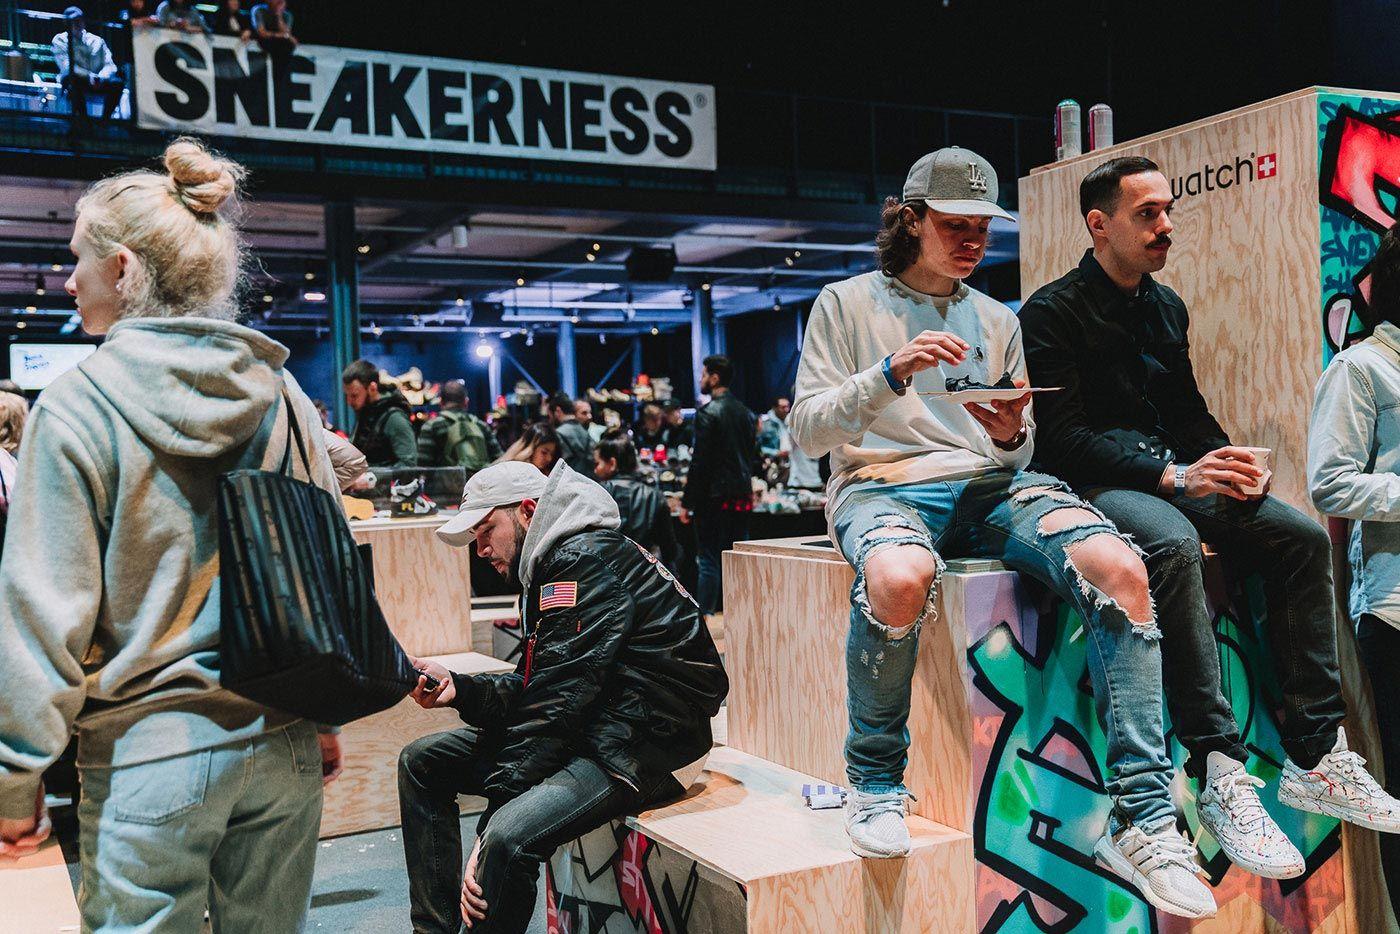 Sneakerness Even Recap People Eating